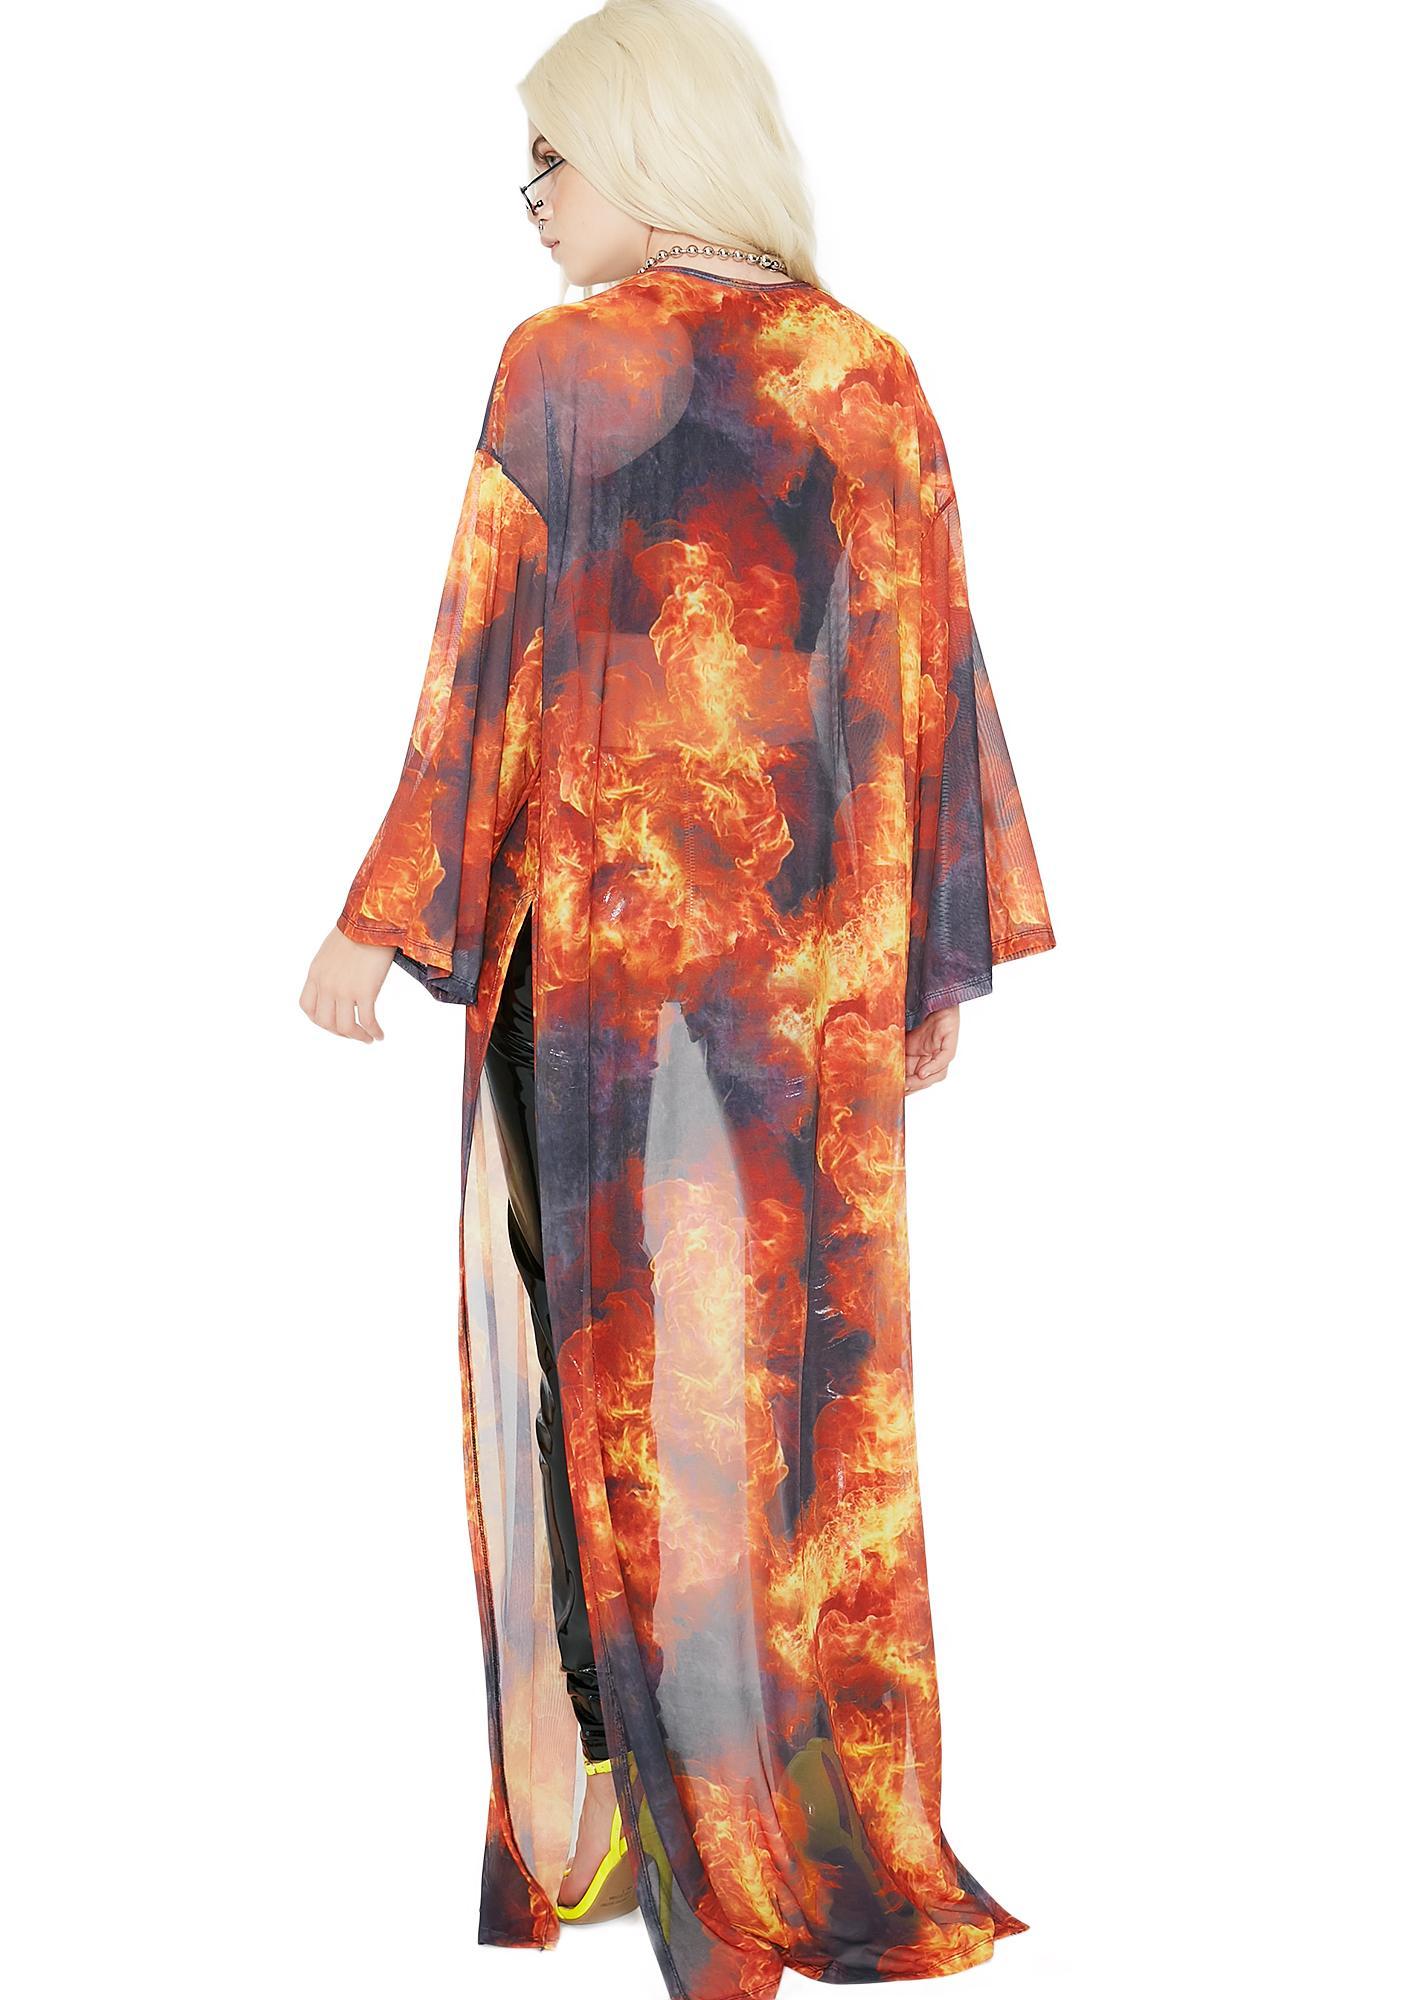 Burning Desire Flame Kimono